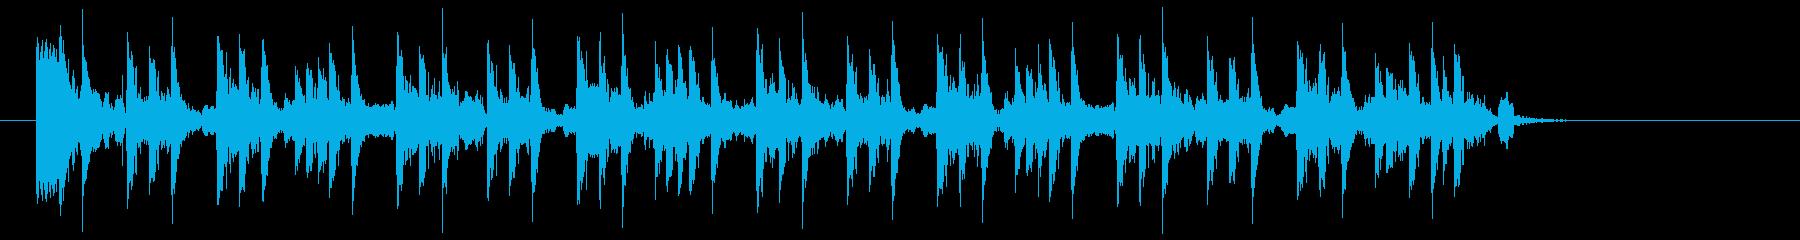 ダンサブルなサンプリング調のジングルの再生済みの波形